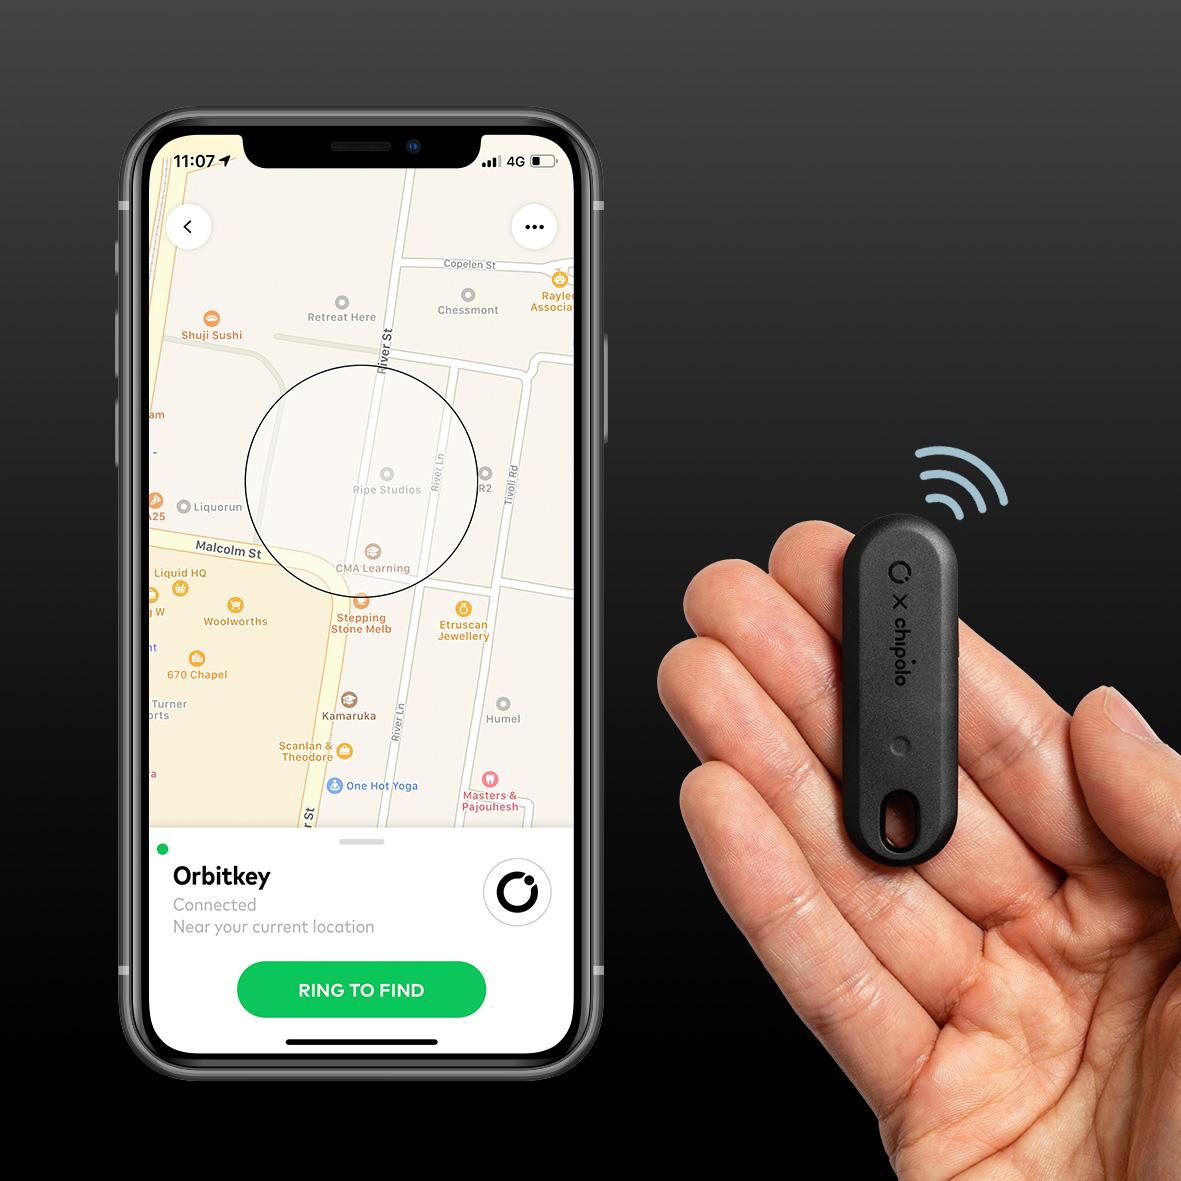 アプリの地図上でもありかを教えてくれる。鍵もスマホも、すぐ見つかる!「探す」がなくなるキーホルダー|Orbitkey×Chipoloトラッカー